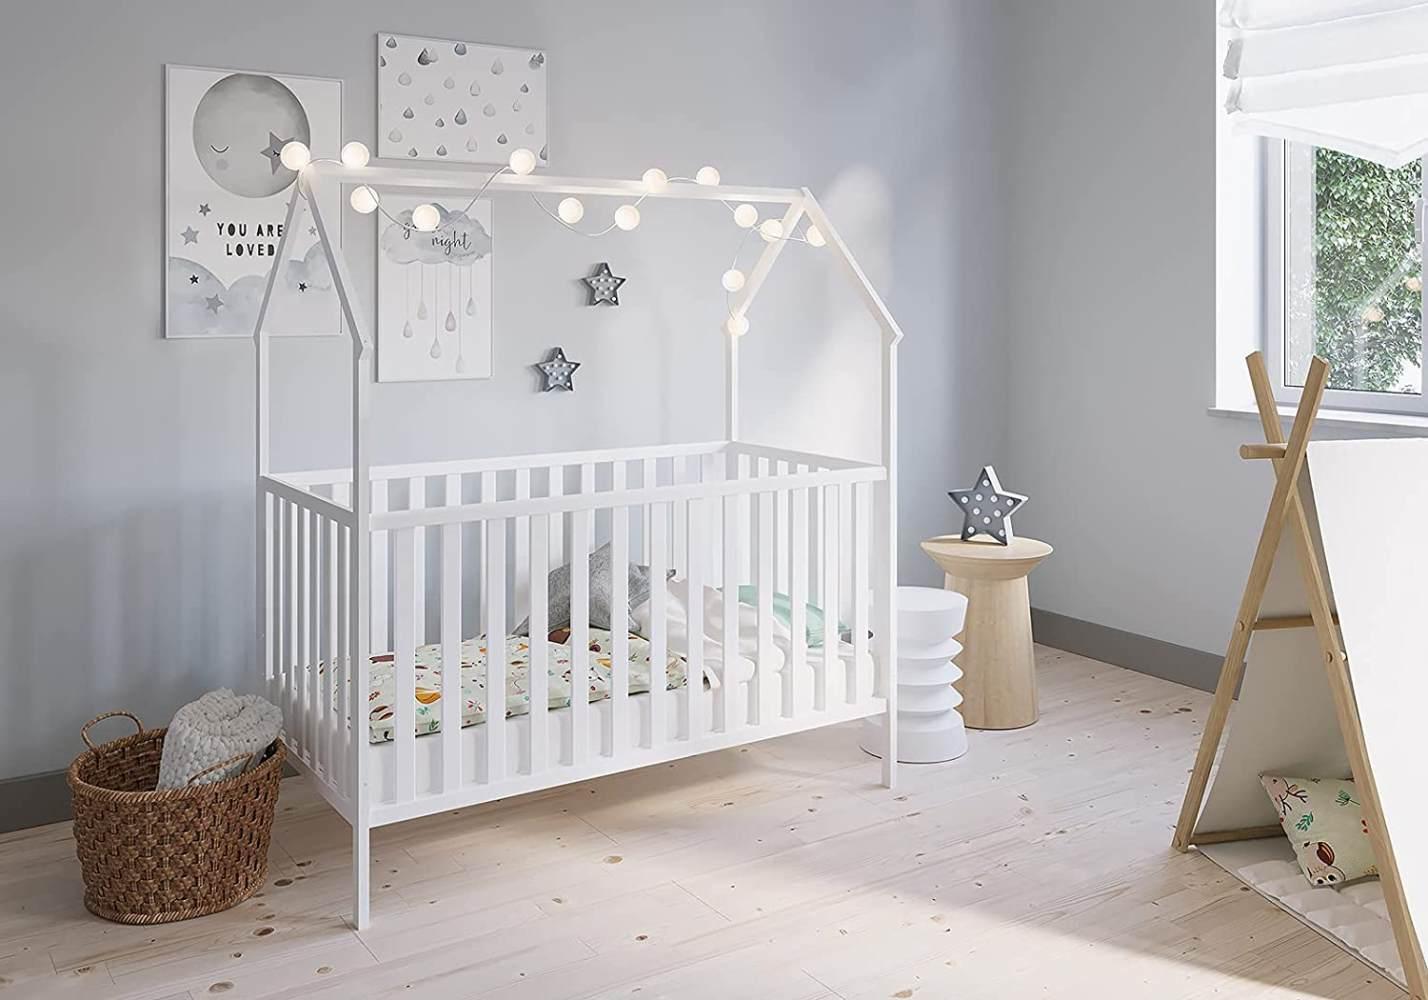 FabiMax 'Schlafmütze' Kinderbett, 70 x 140 cm, weiß, mit Matratze Comfort, Kiefer massiv, 3-fach höhenverstellbar, umbaubar Bild 1